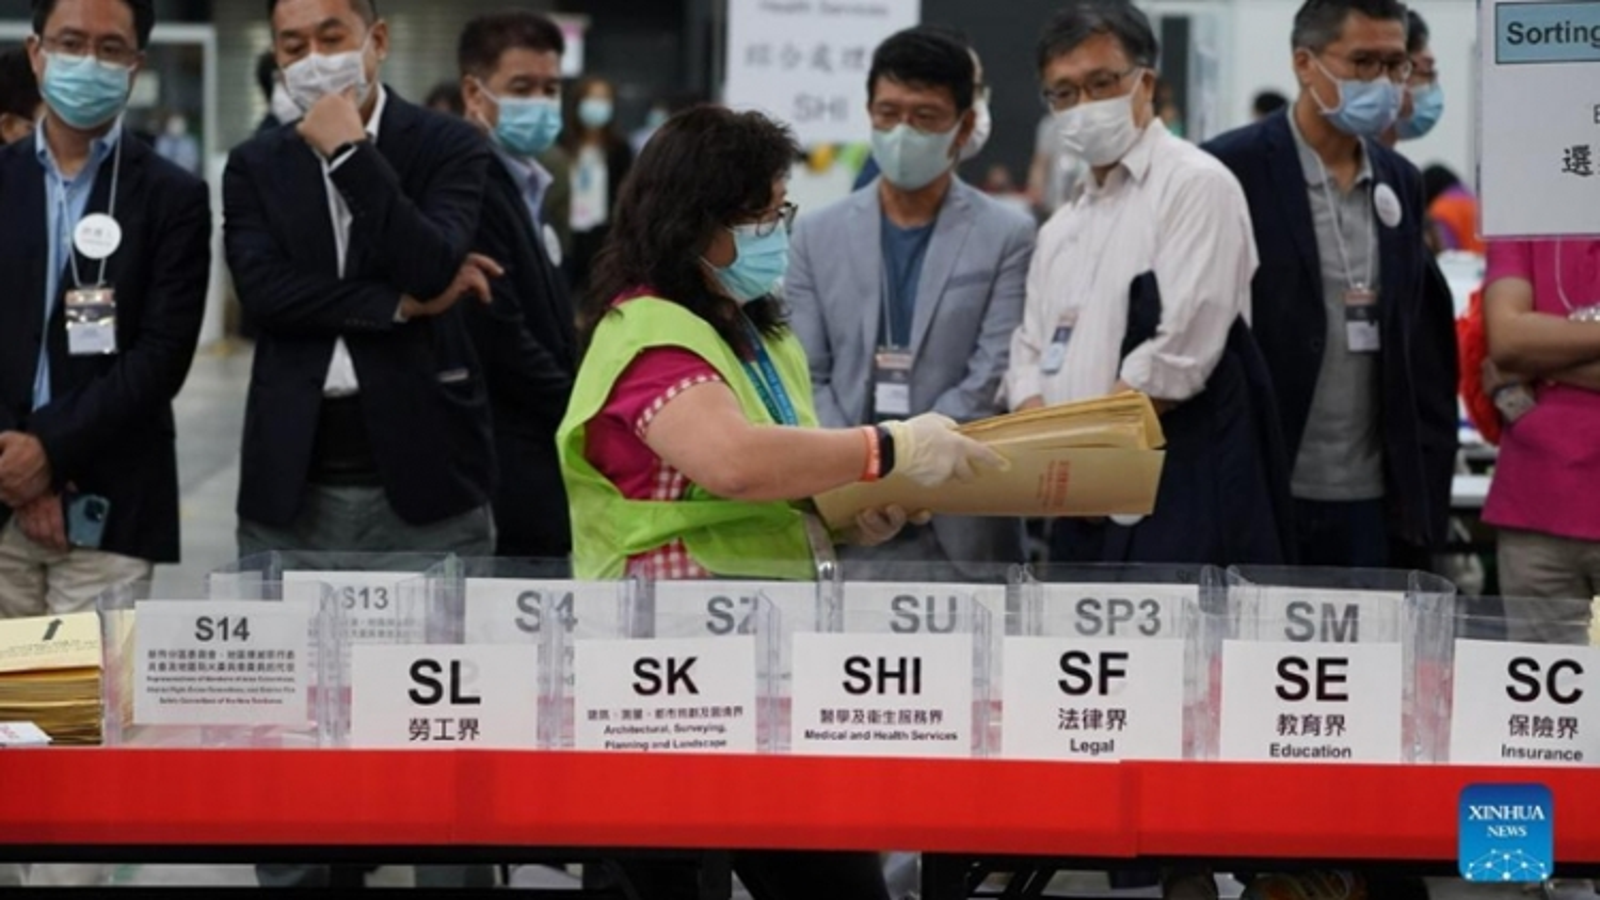 Hong Kong (Trung Quốc) công bố kết quả bầucử Ủy ban bầu cử Chính quyền Đặc khu